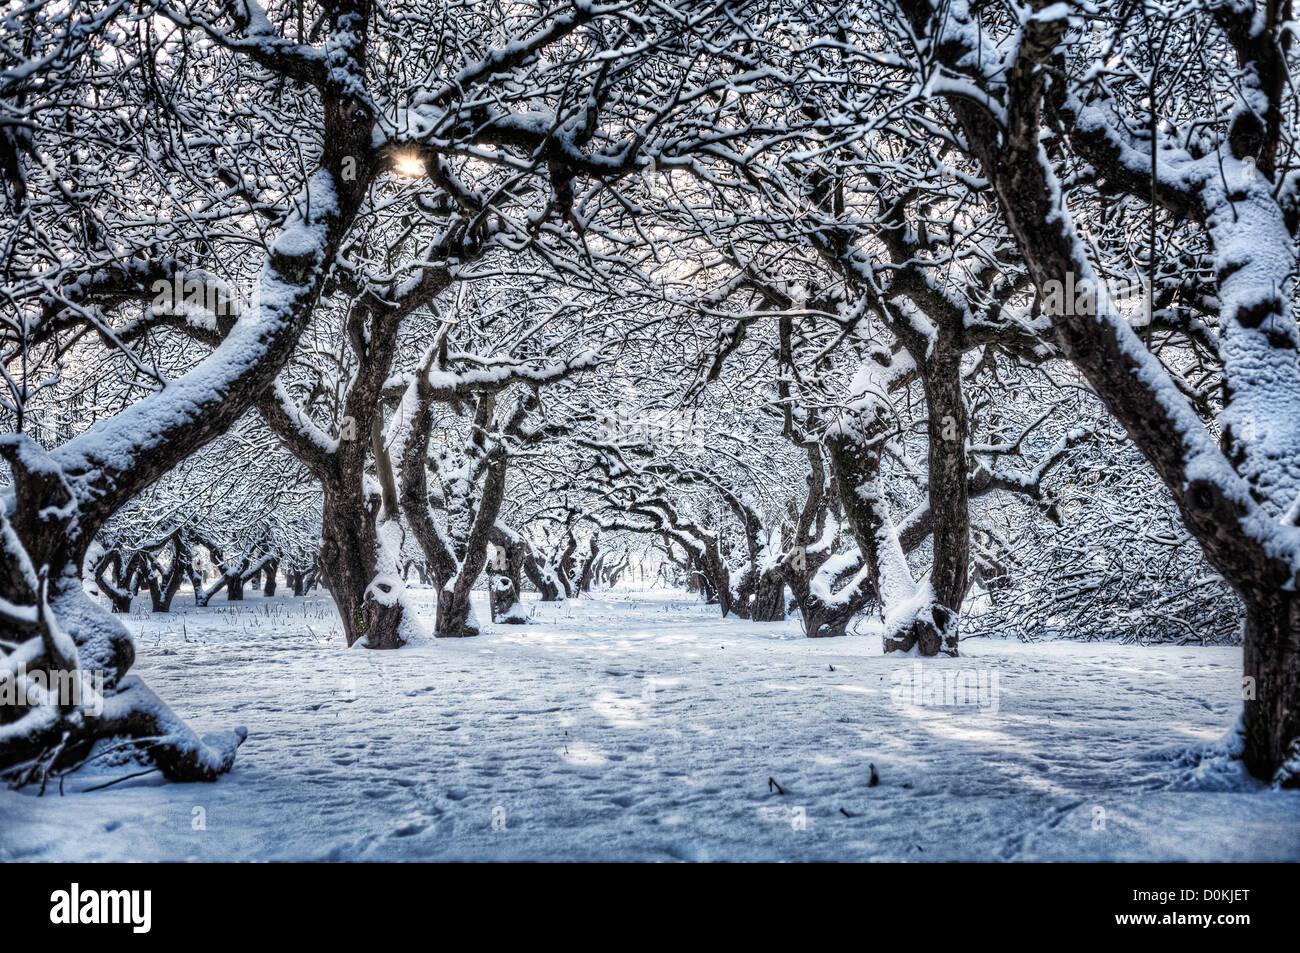 Una linea di coperta di neve alberi in un frutteto. Immagini Stock